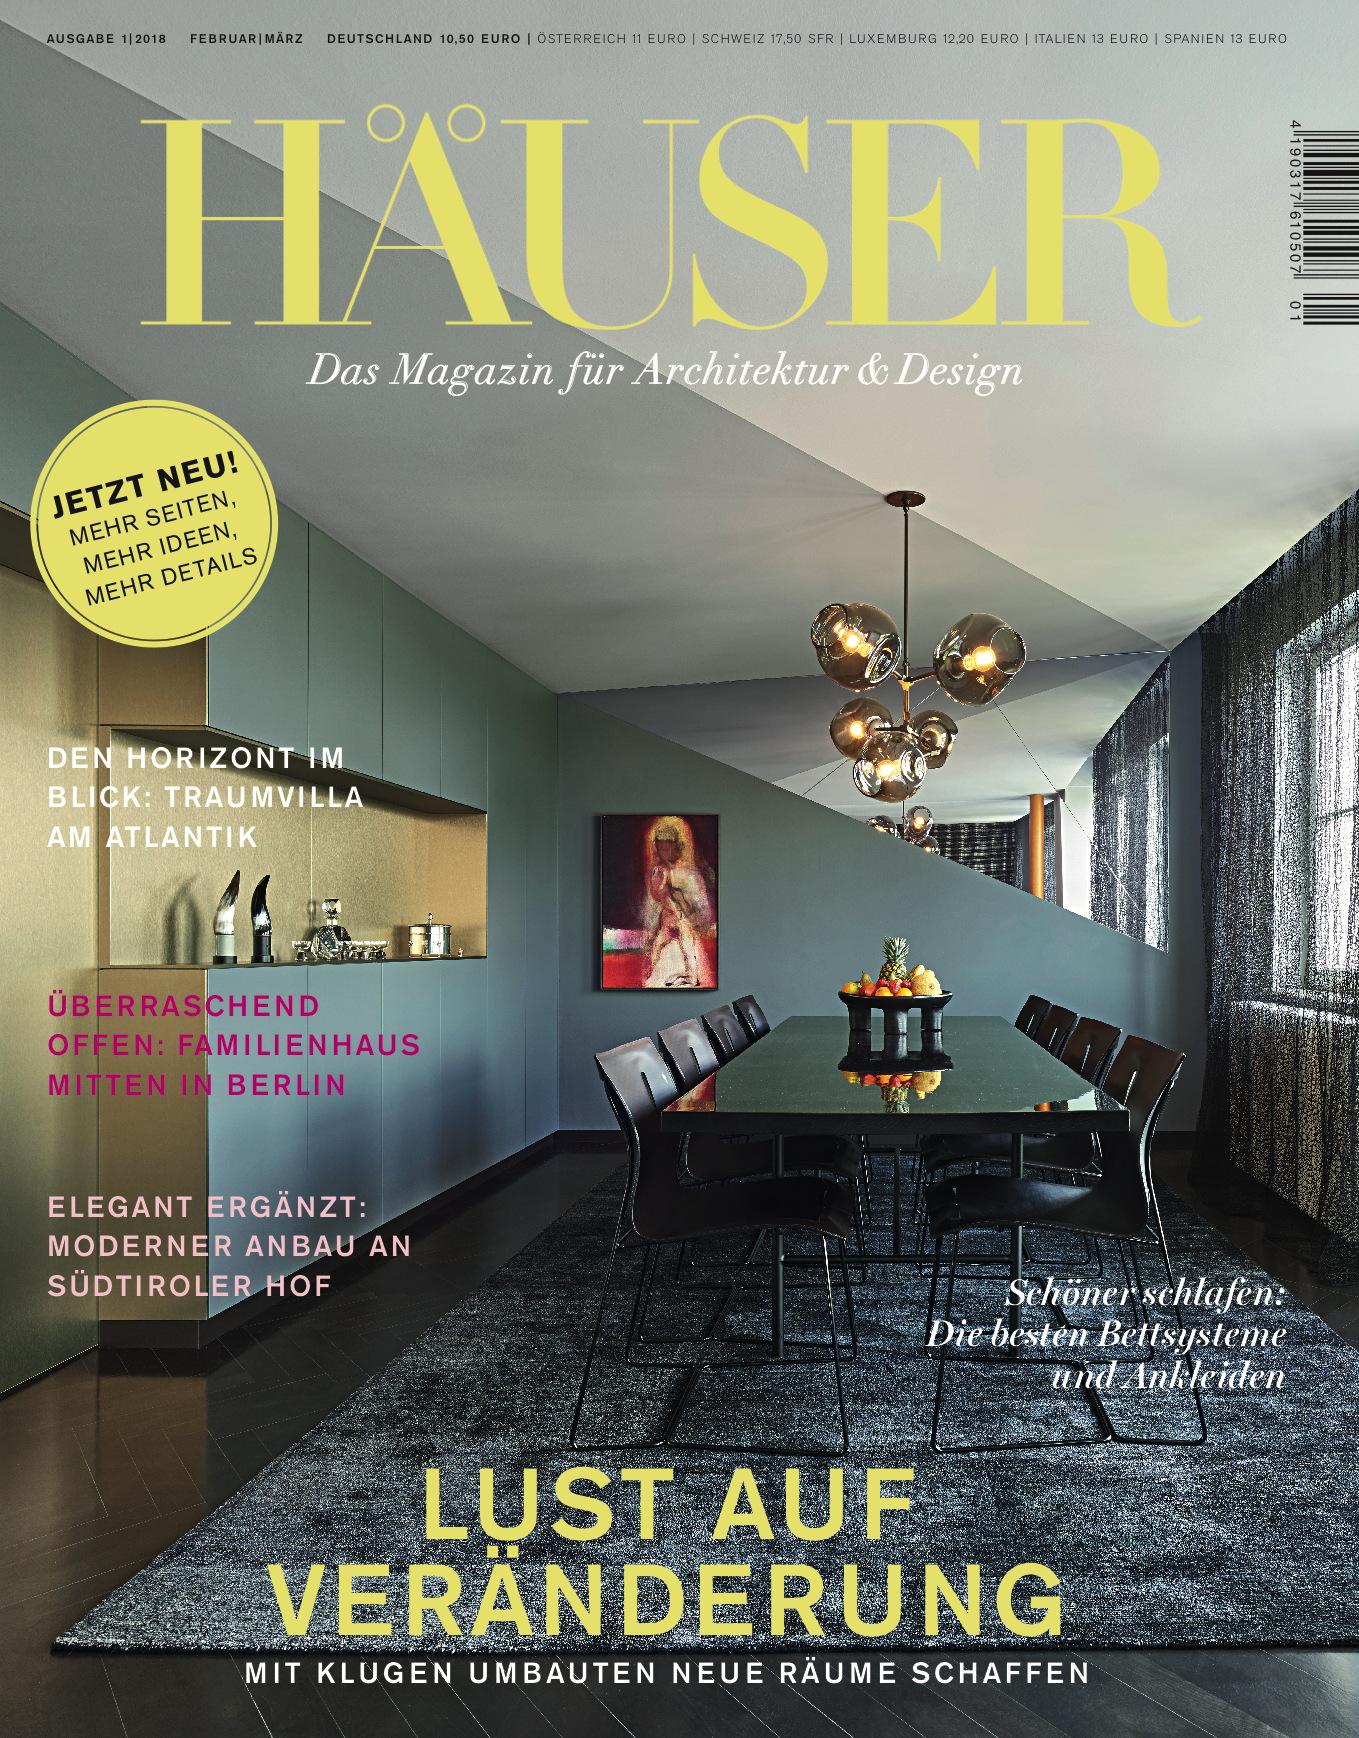 Deutschlands Premium-Architektur-Magazin startet Qualitätsoffensive ...